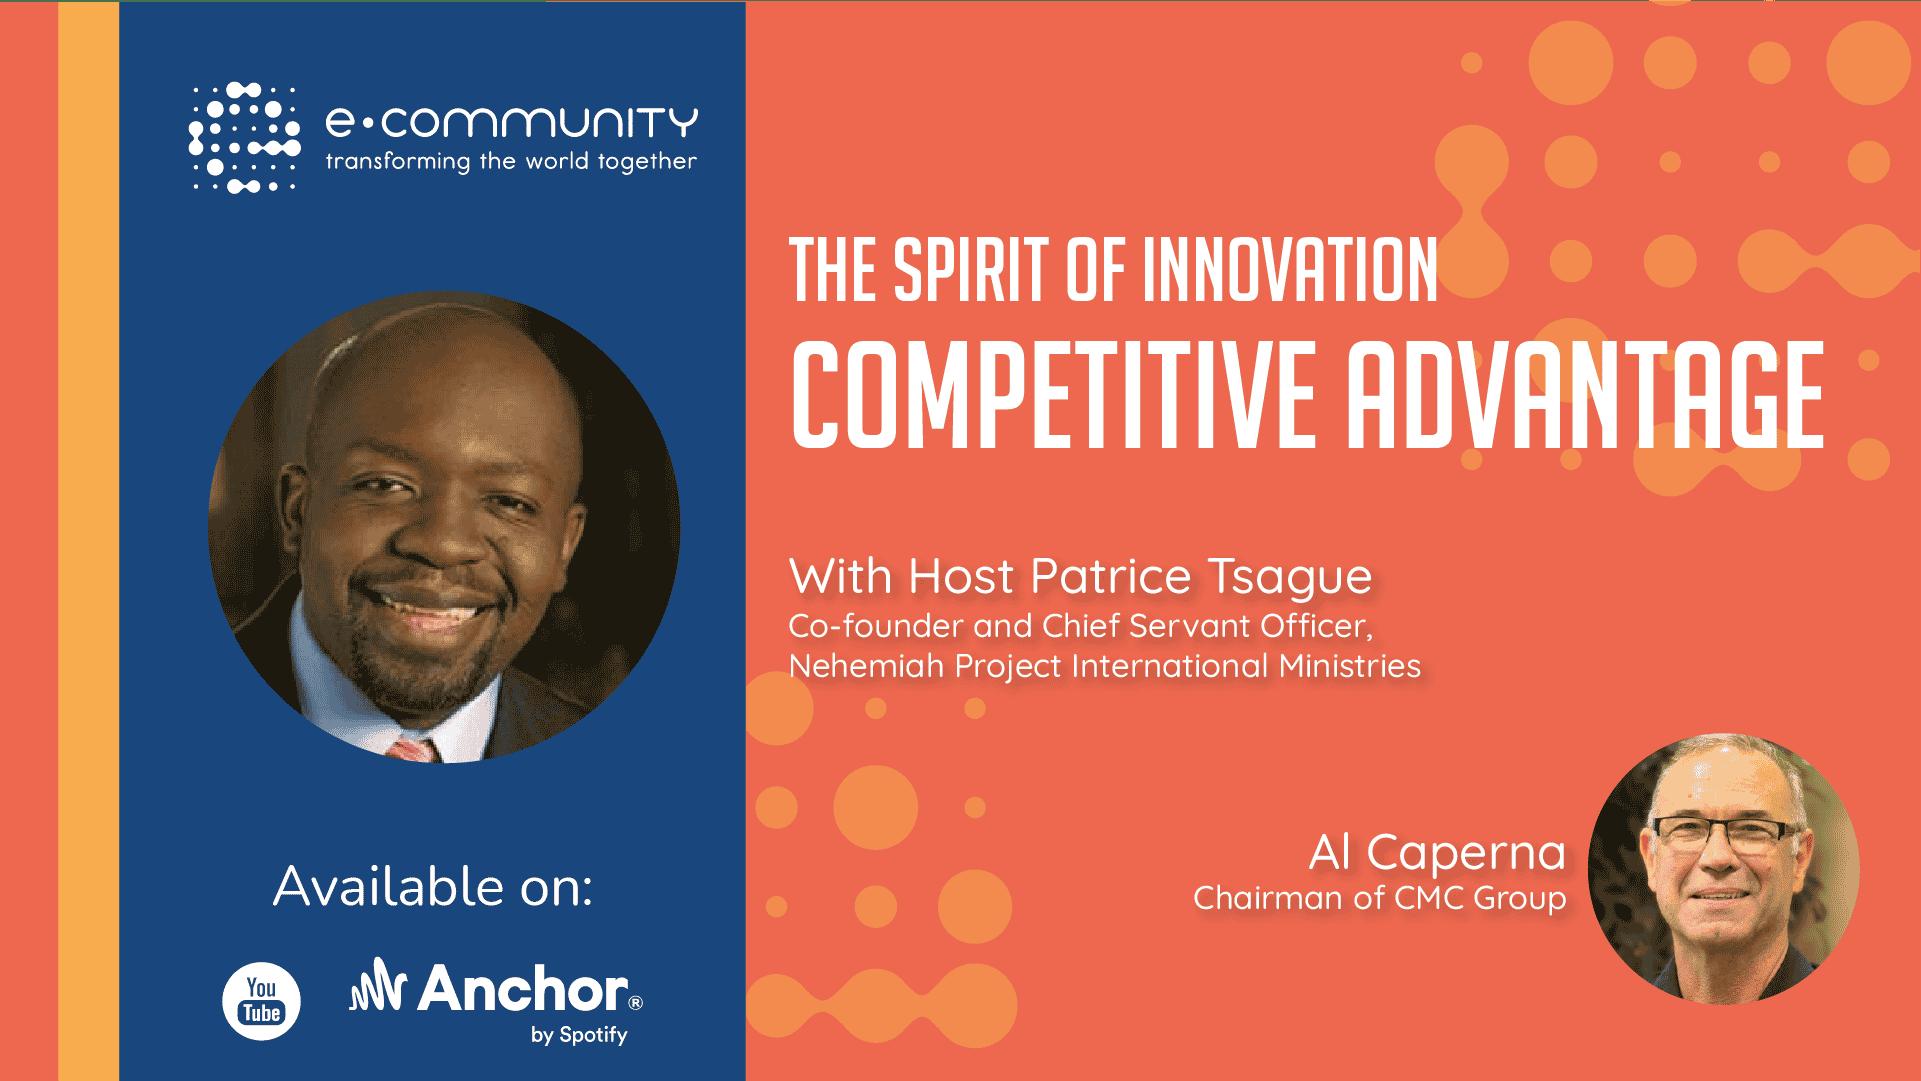 Avantage compétitif | L'esprit d'innovation